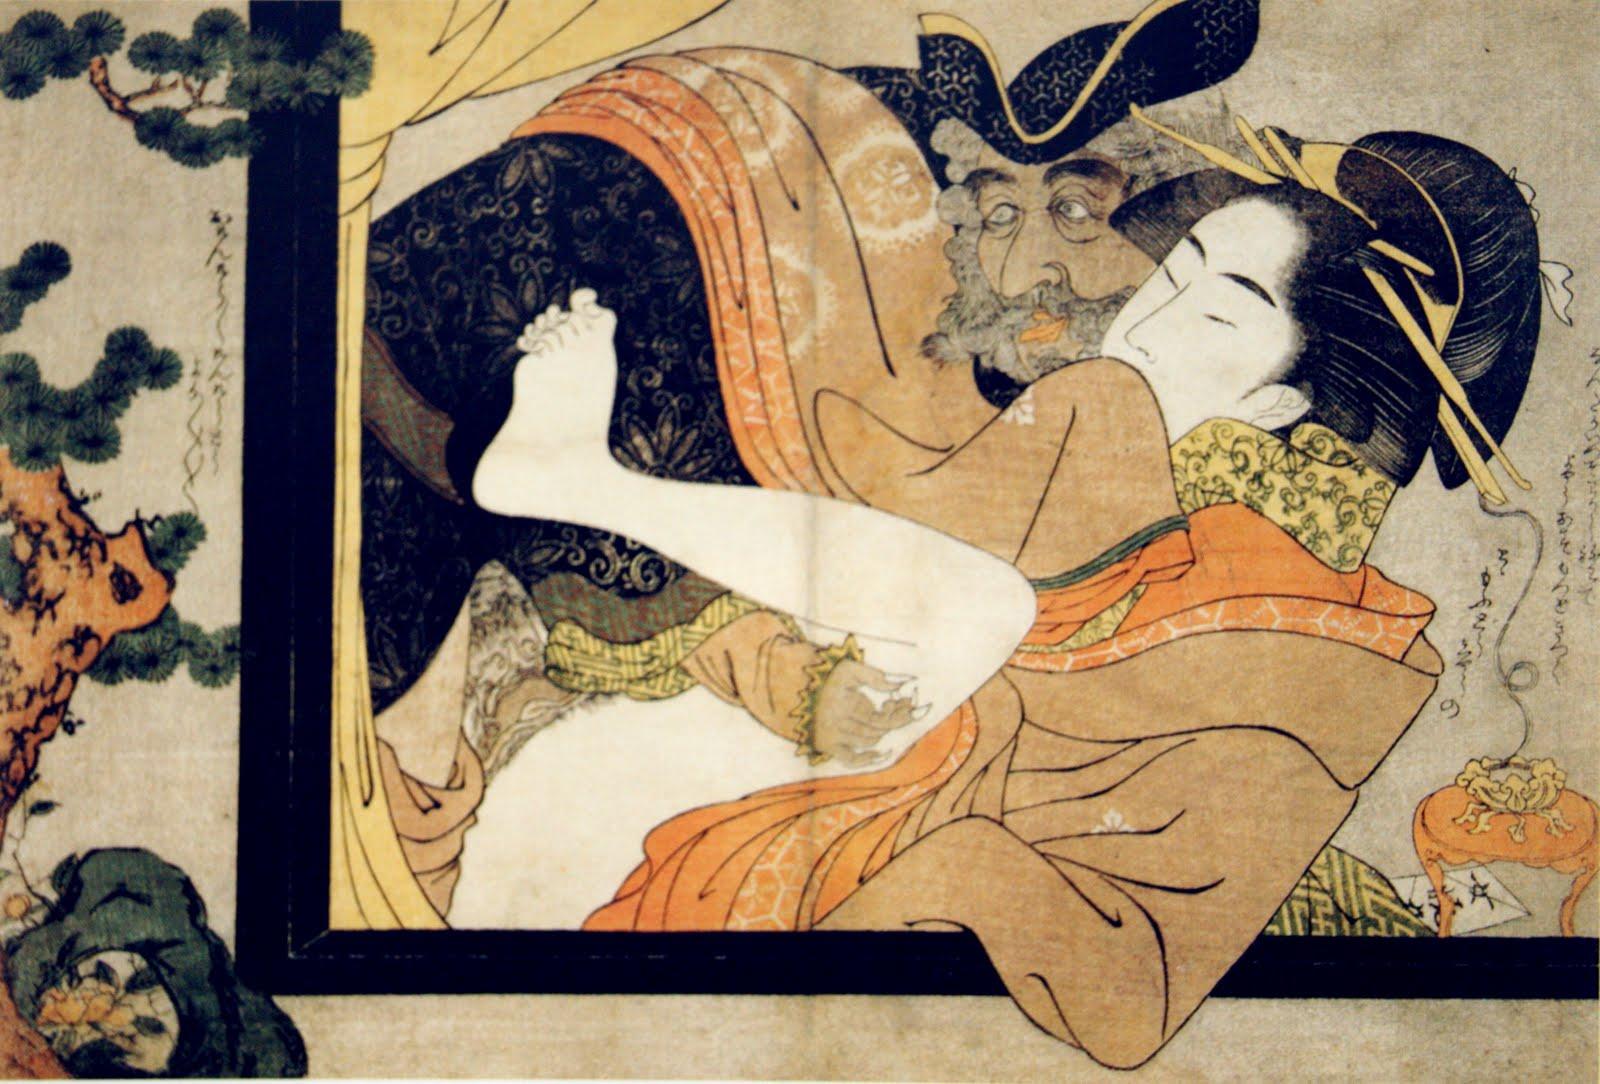 Секс древнем китайи 7 фотография